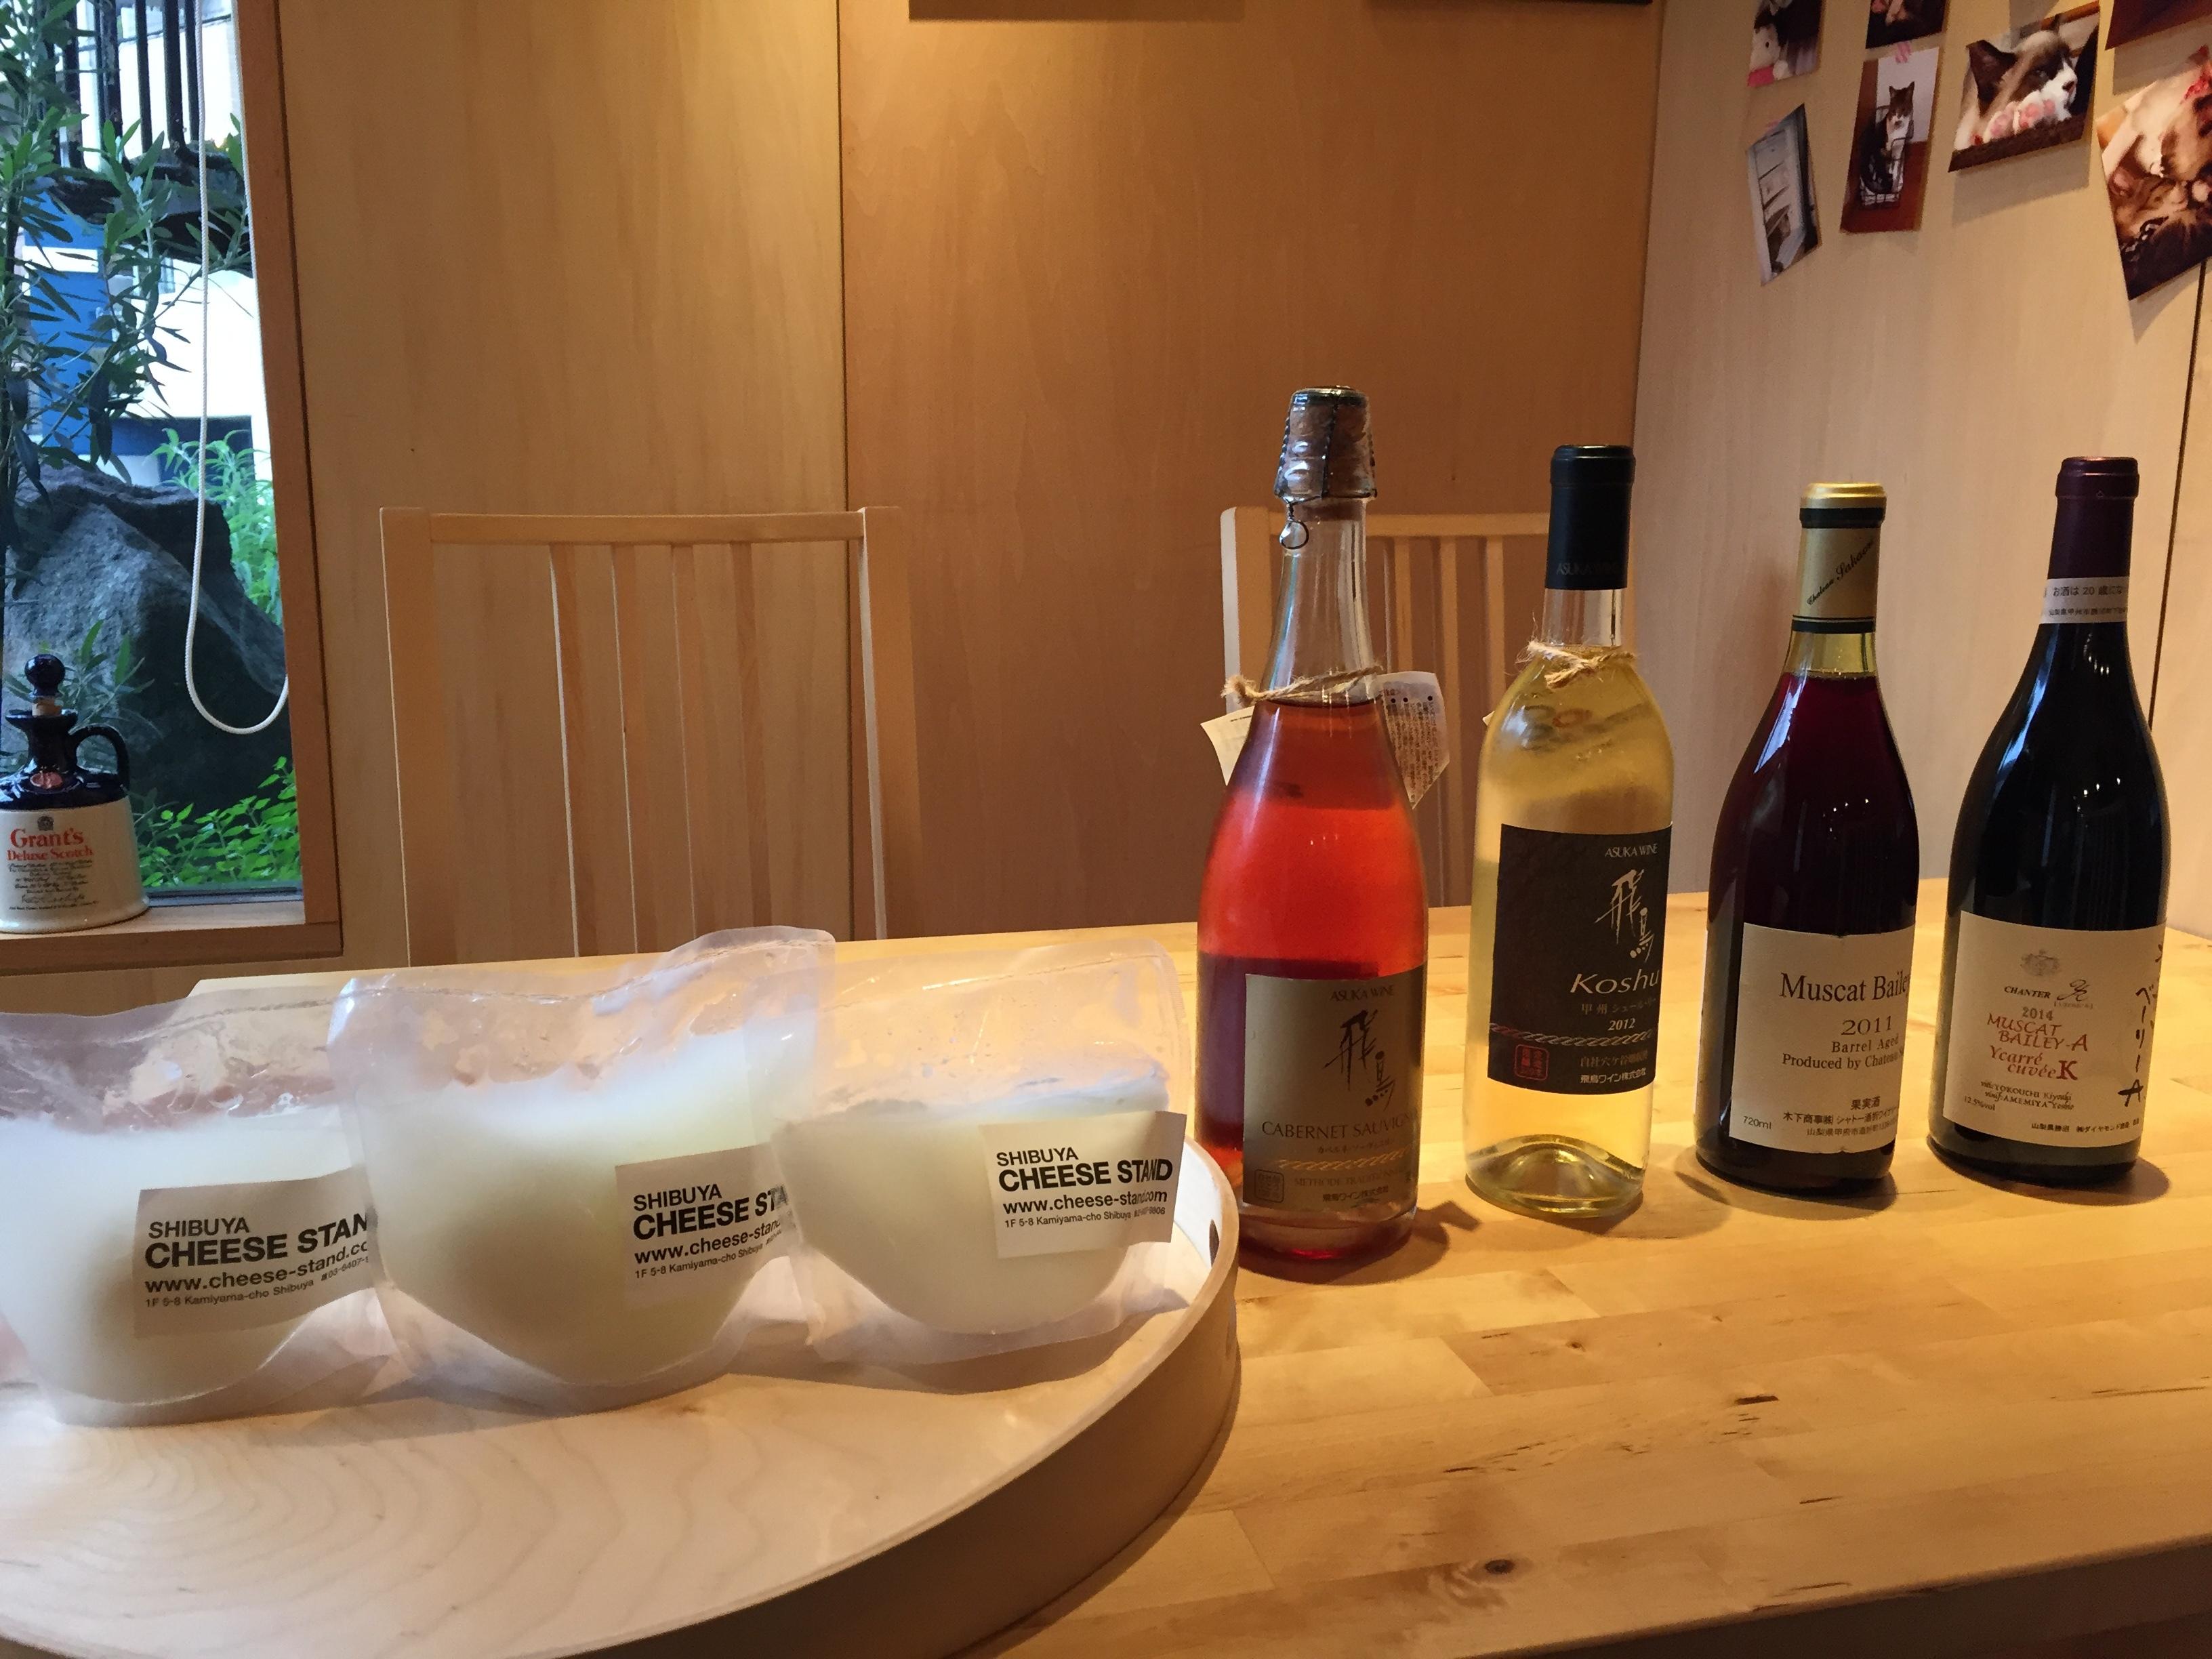 Made in Japanに酔いしれた夜『国産ワイン・国産チーズ』かなりいいです‼️_1_4